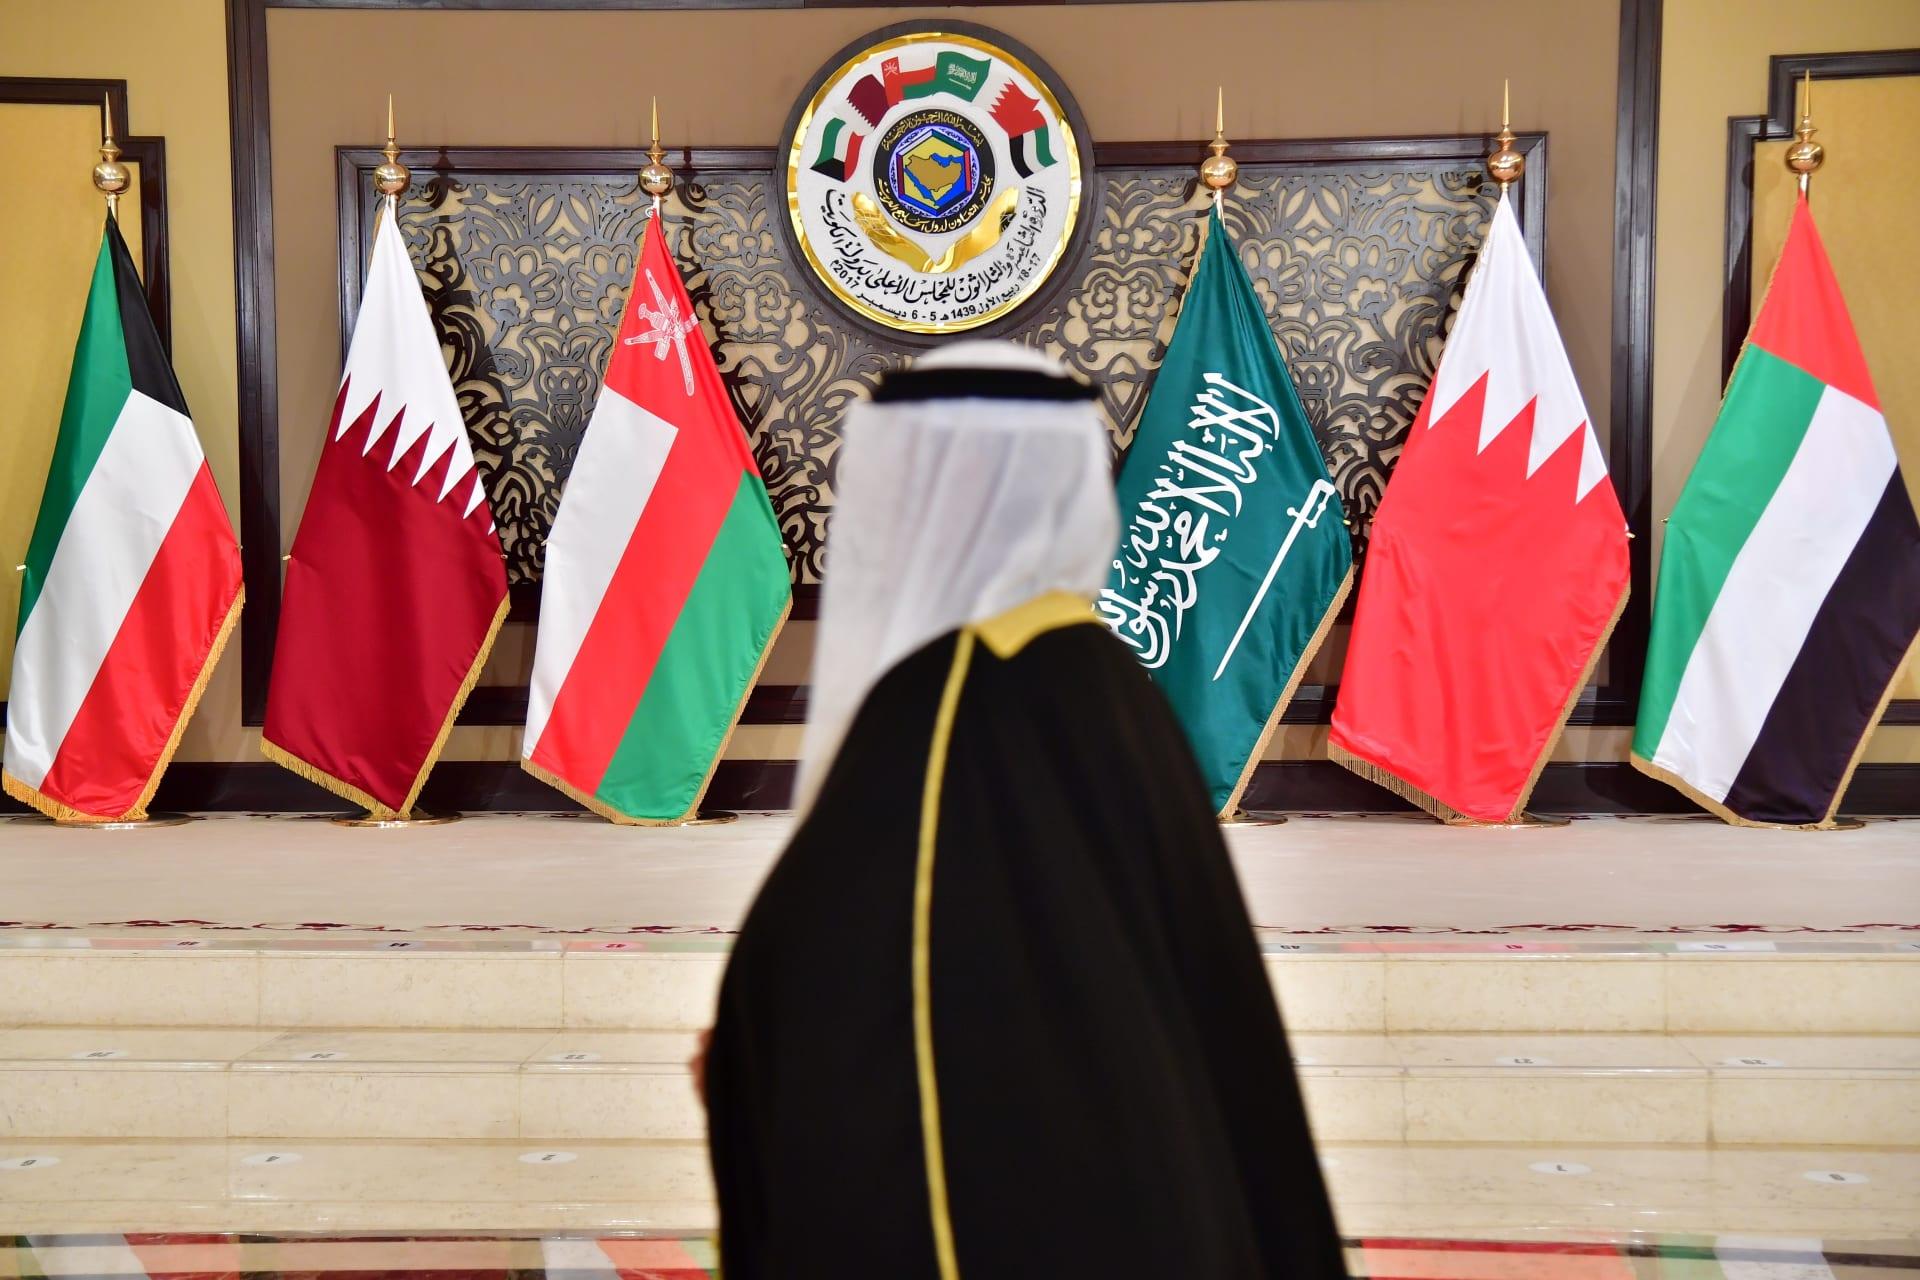 رأي.. عبدالخالق عبدالله يكتب: 2021 هو عام ما بعد أزمة الخليج خليجياً